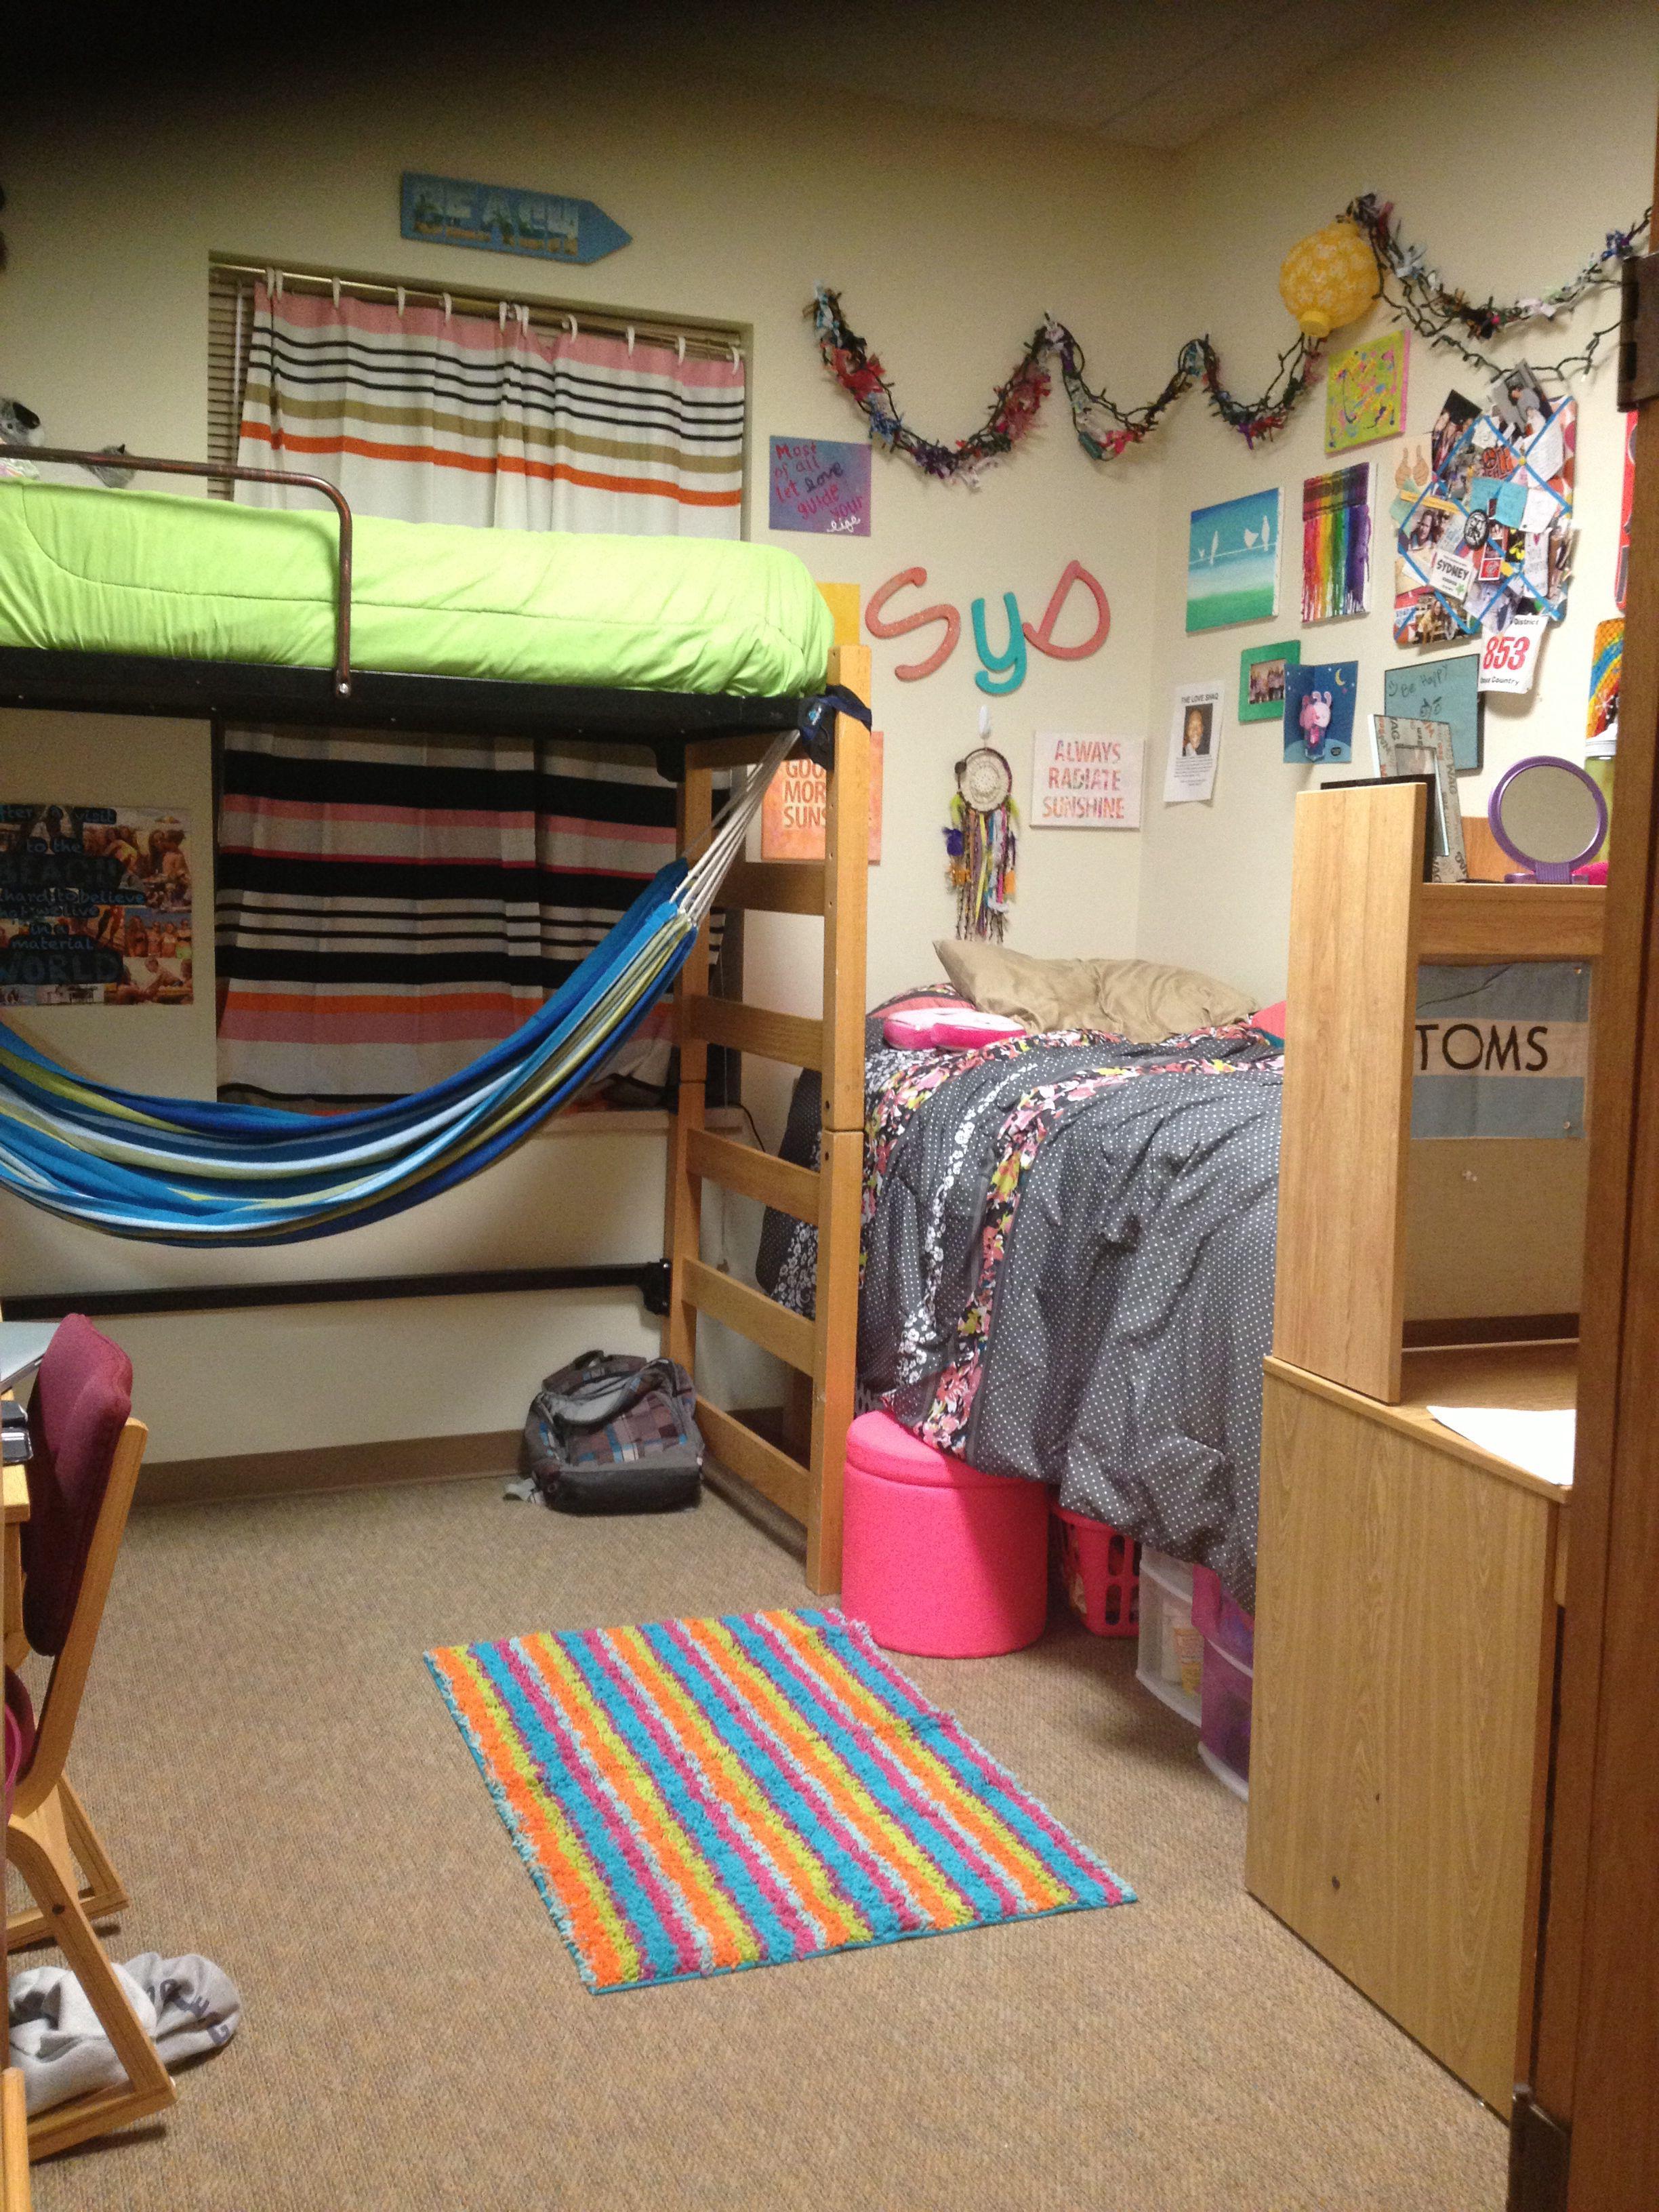 Hammock under the bed! Dorm room setup